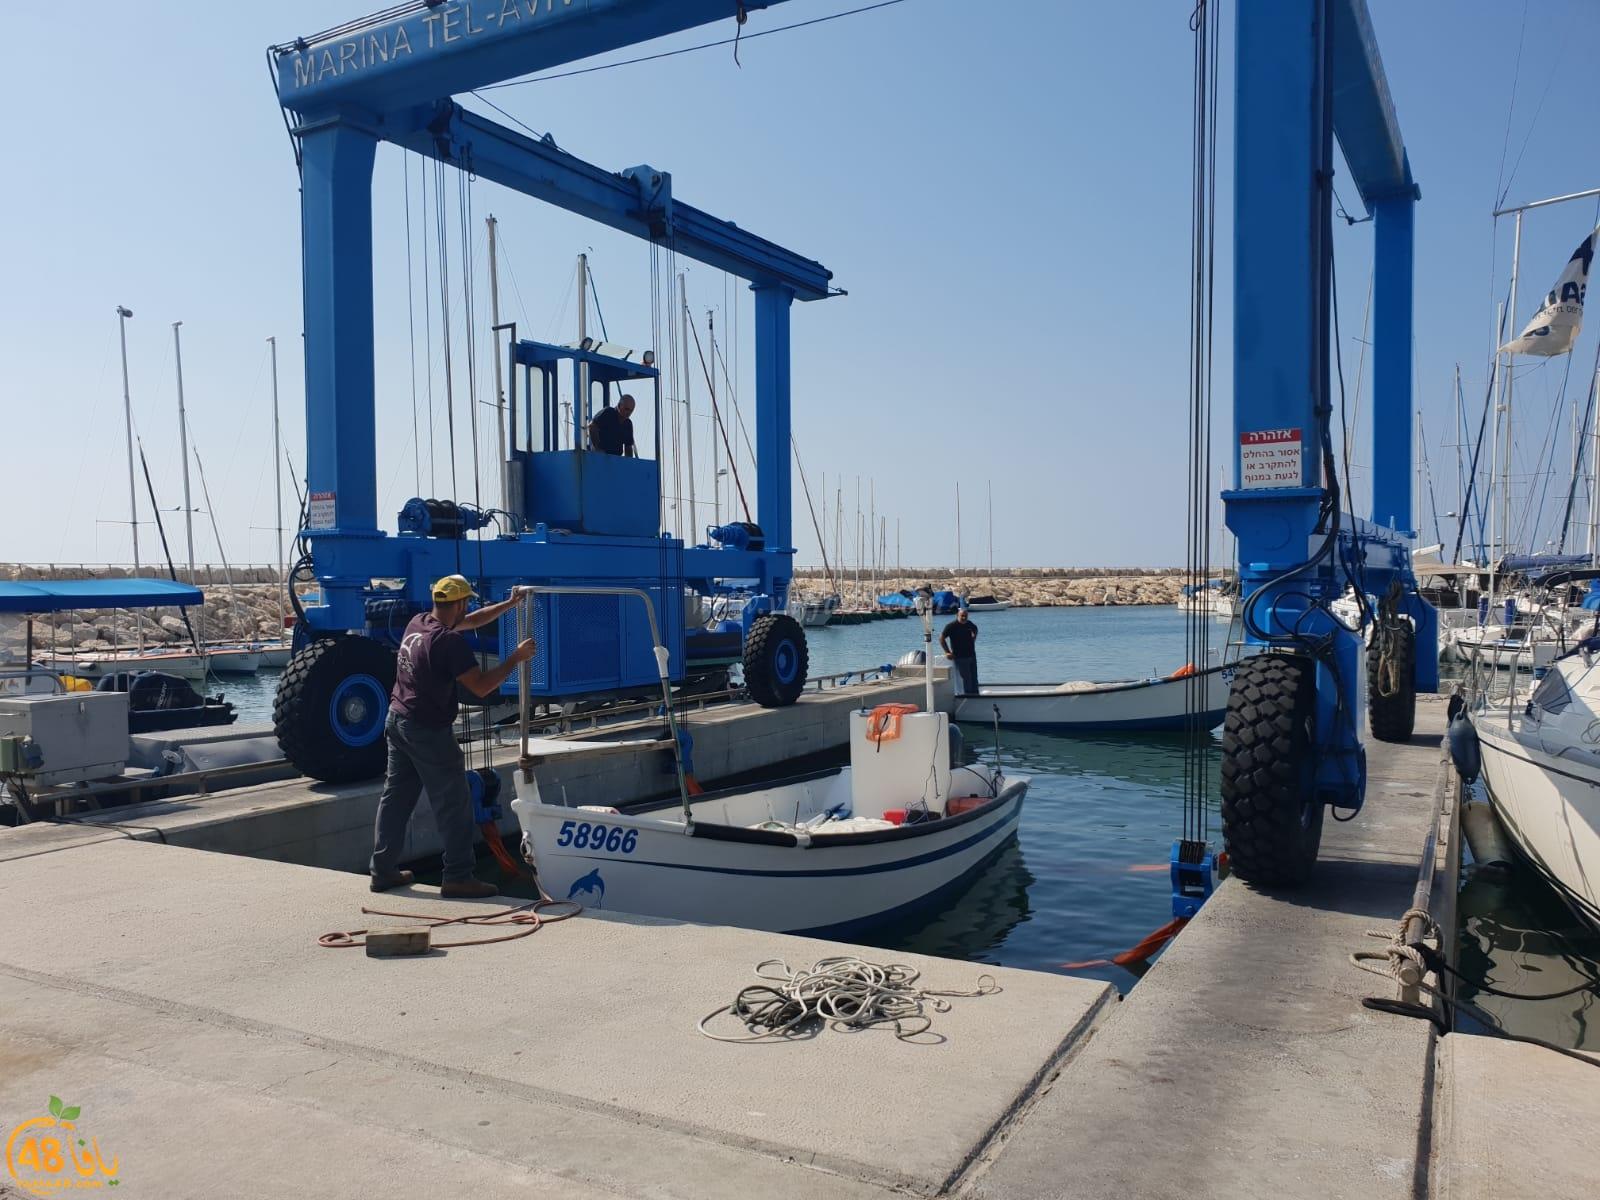 بالفيديو: توقيف 4 صيادين من يافا للتحقيق بحادثة مقتل غواص على شاطئ روبين بلماحيم